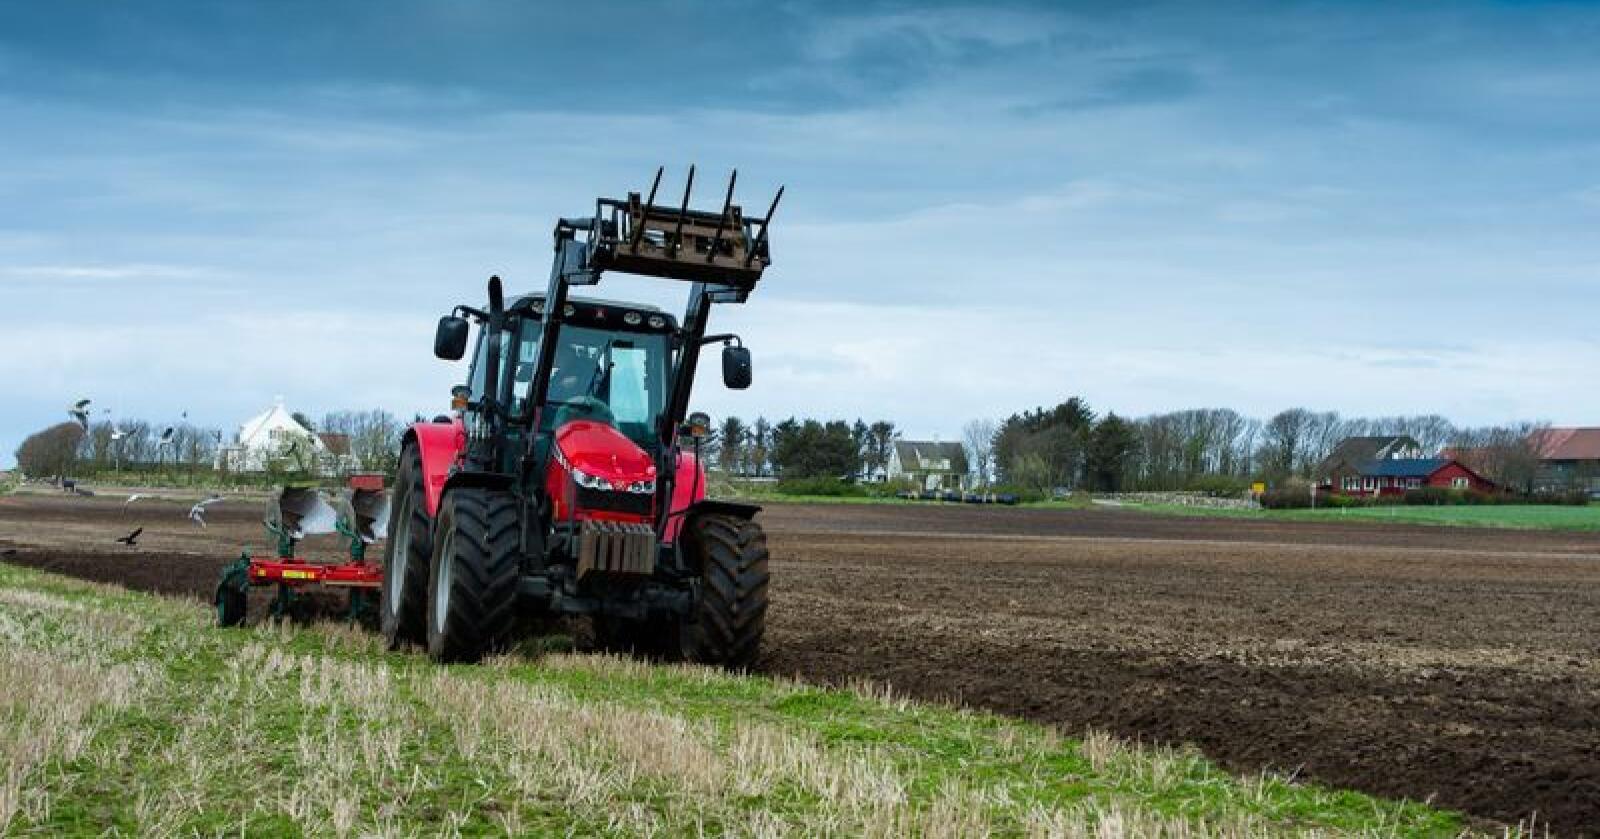 Berre 36 prosent oppgir at dei har opplegg for handfri i traktoren. Foto: Bjørn H. Stuedal / Landkreditt forsikring